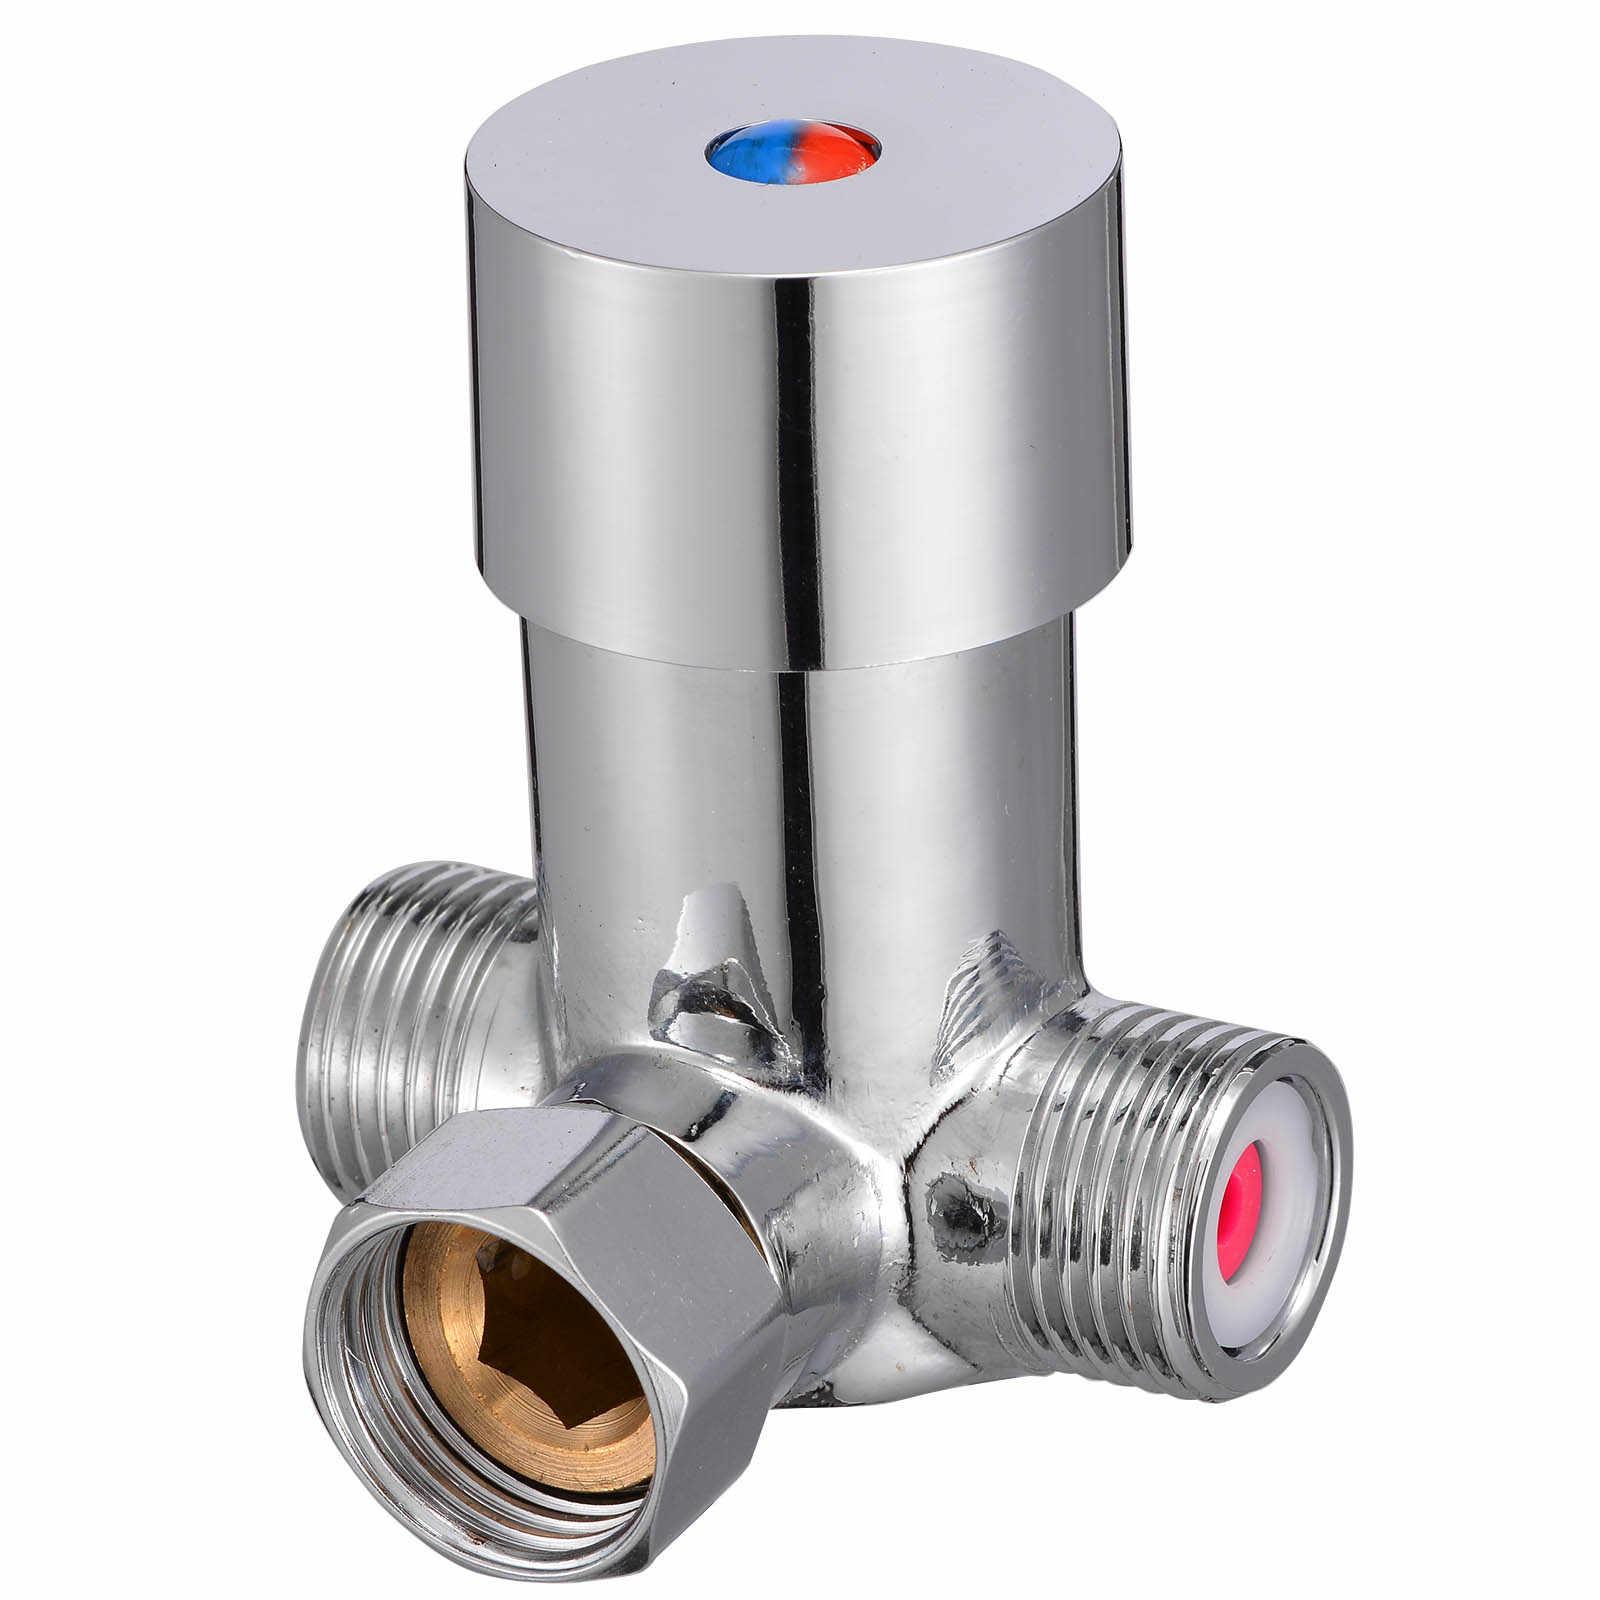 Łazienka ciepłej zimnej wody z Valver regulacja temperatury mikser zawór mieszający czujnik kranu do głowica prysznicowa prysznic kran krany